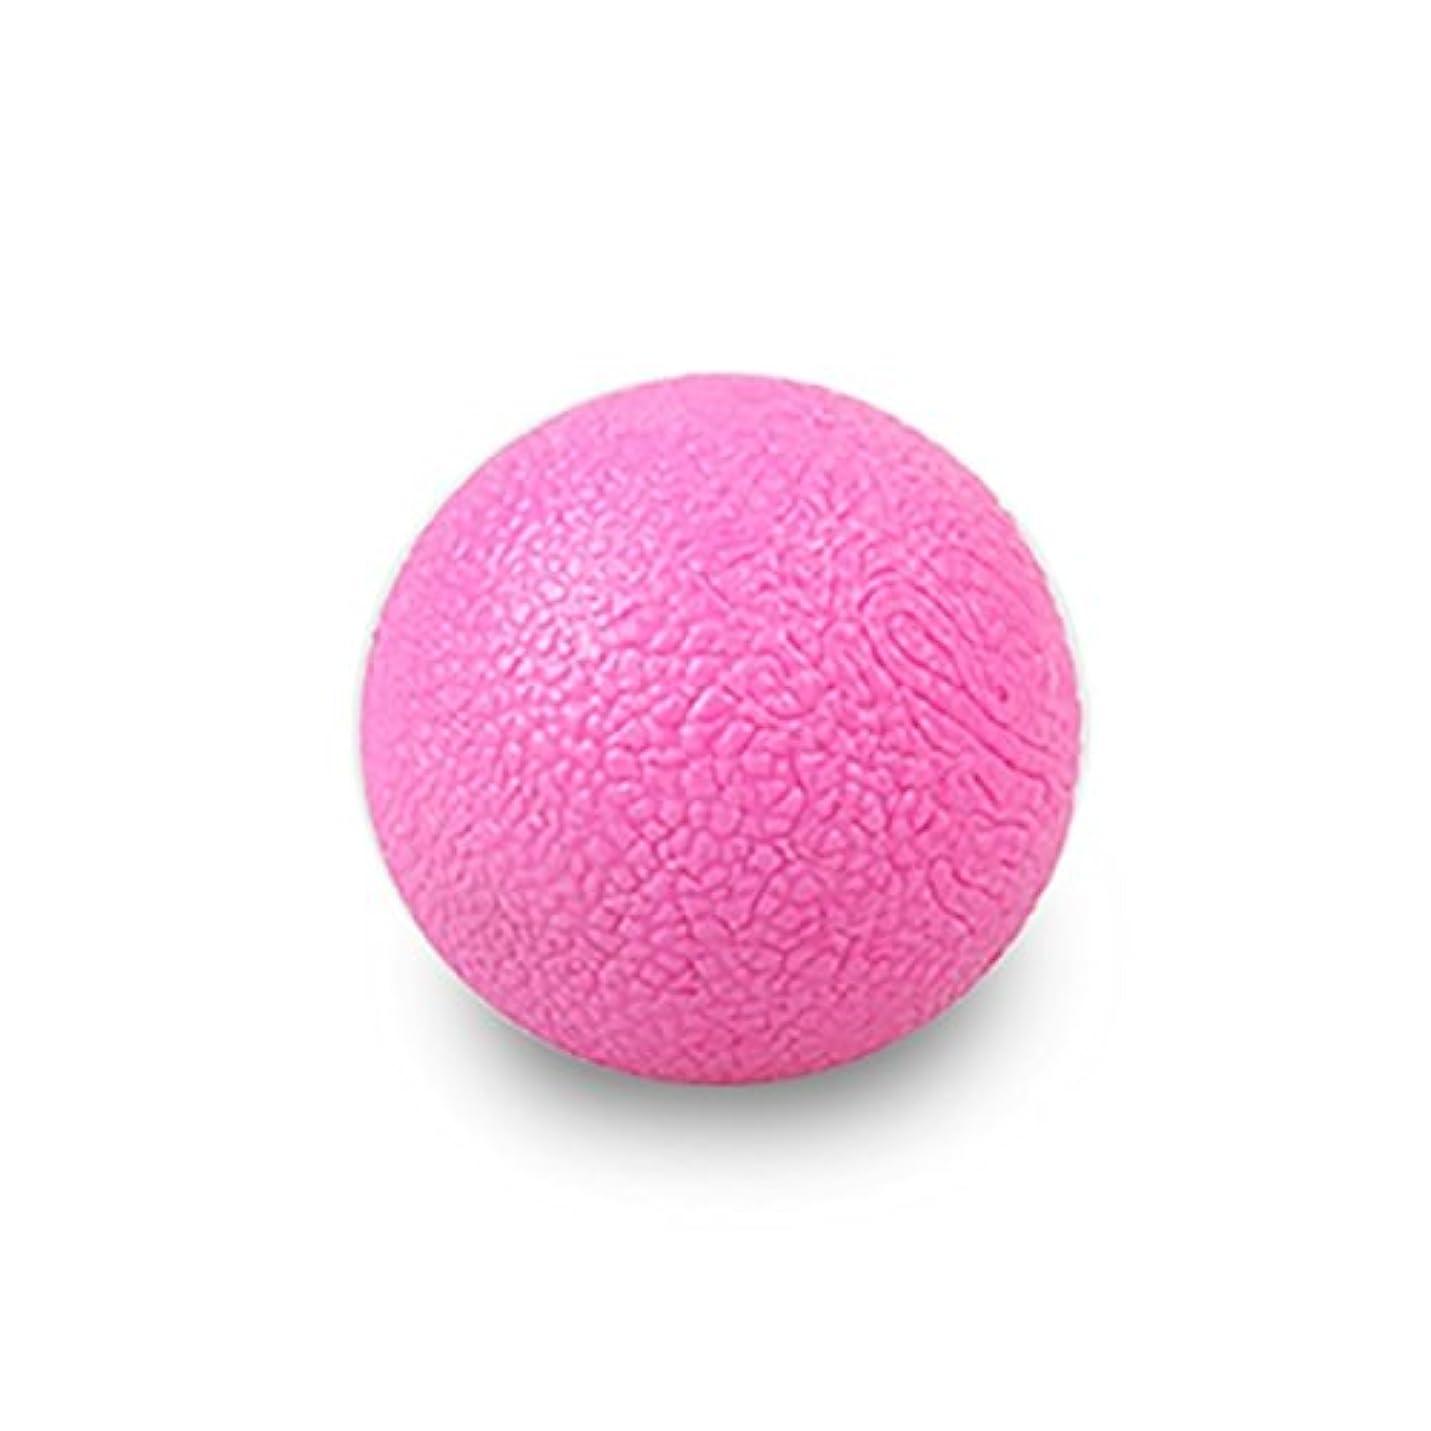 プロフィールロッド夏SHAPE&UP UPnShape ピーナッツ マッサージ ボール(1.8インチ)/ストレッチ、ヨガ、フィットネス リハビリテーション腰痛首 (ブルー)